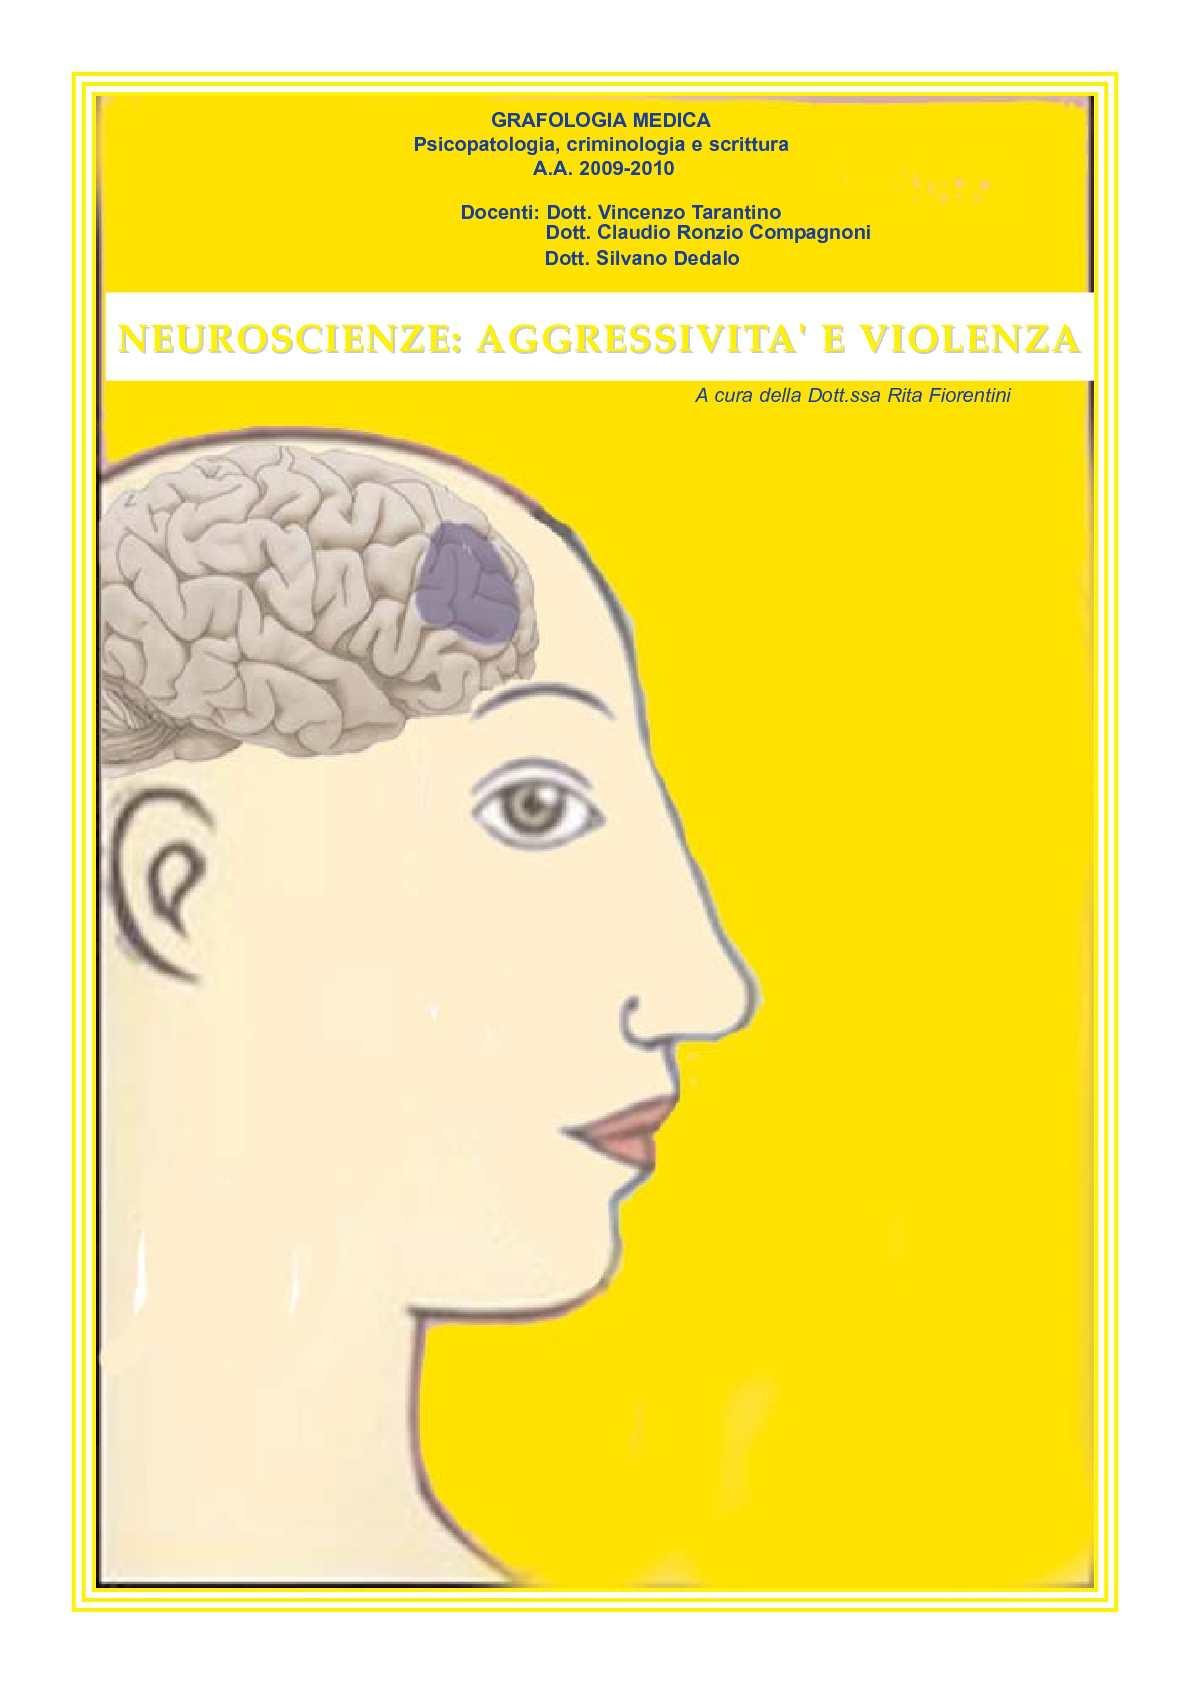 Neuroscienze: aggressività e violenza la tesi della Dott.ssa Rita Fiorentini